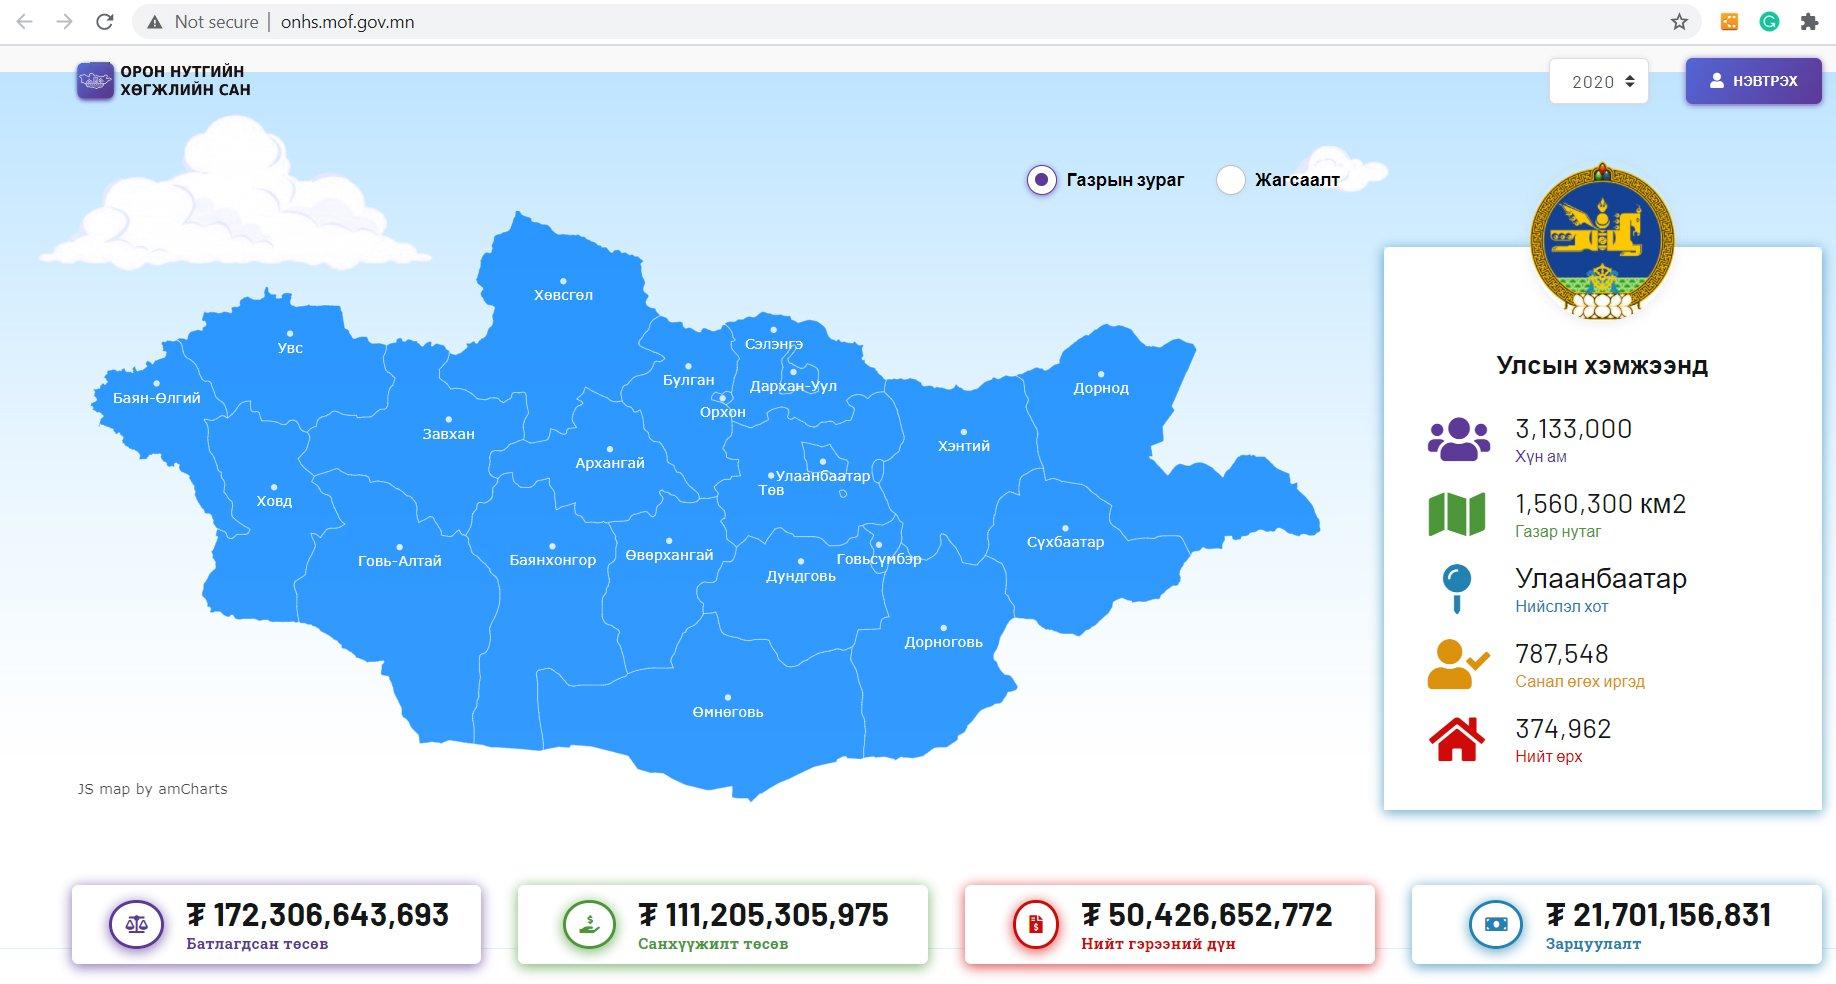 Орон нутгийн хөгжлийн сангийн шинэчилсэн Мэдээллийн системийг ашиглалтанд орууллаа